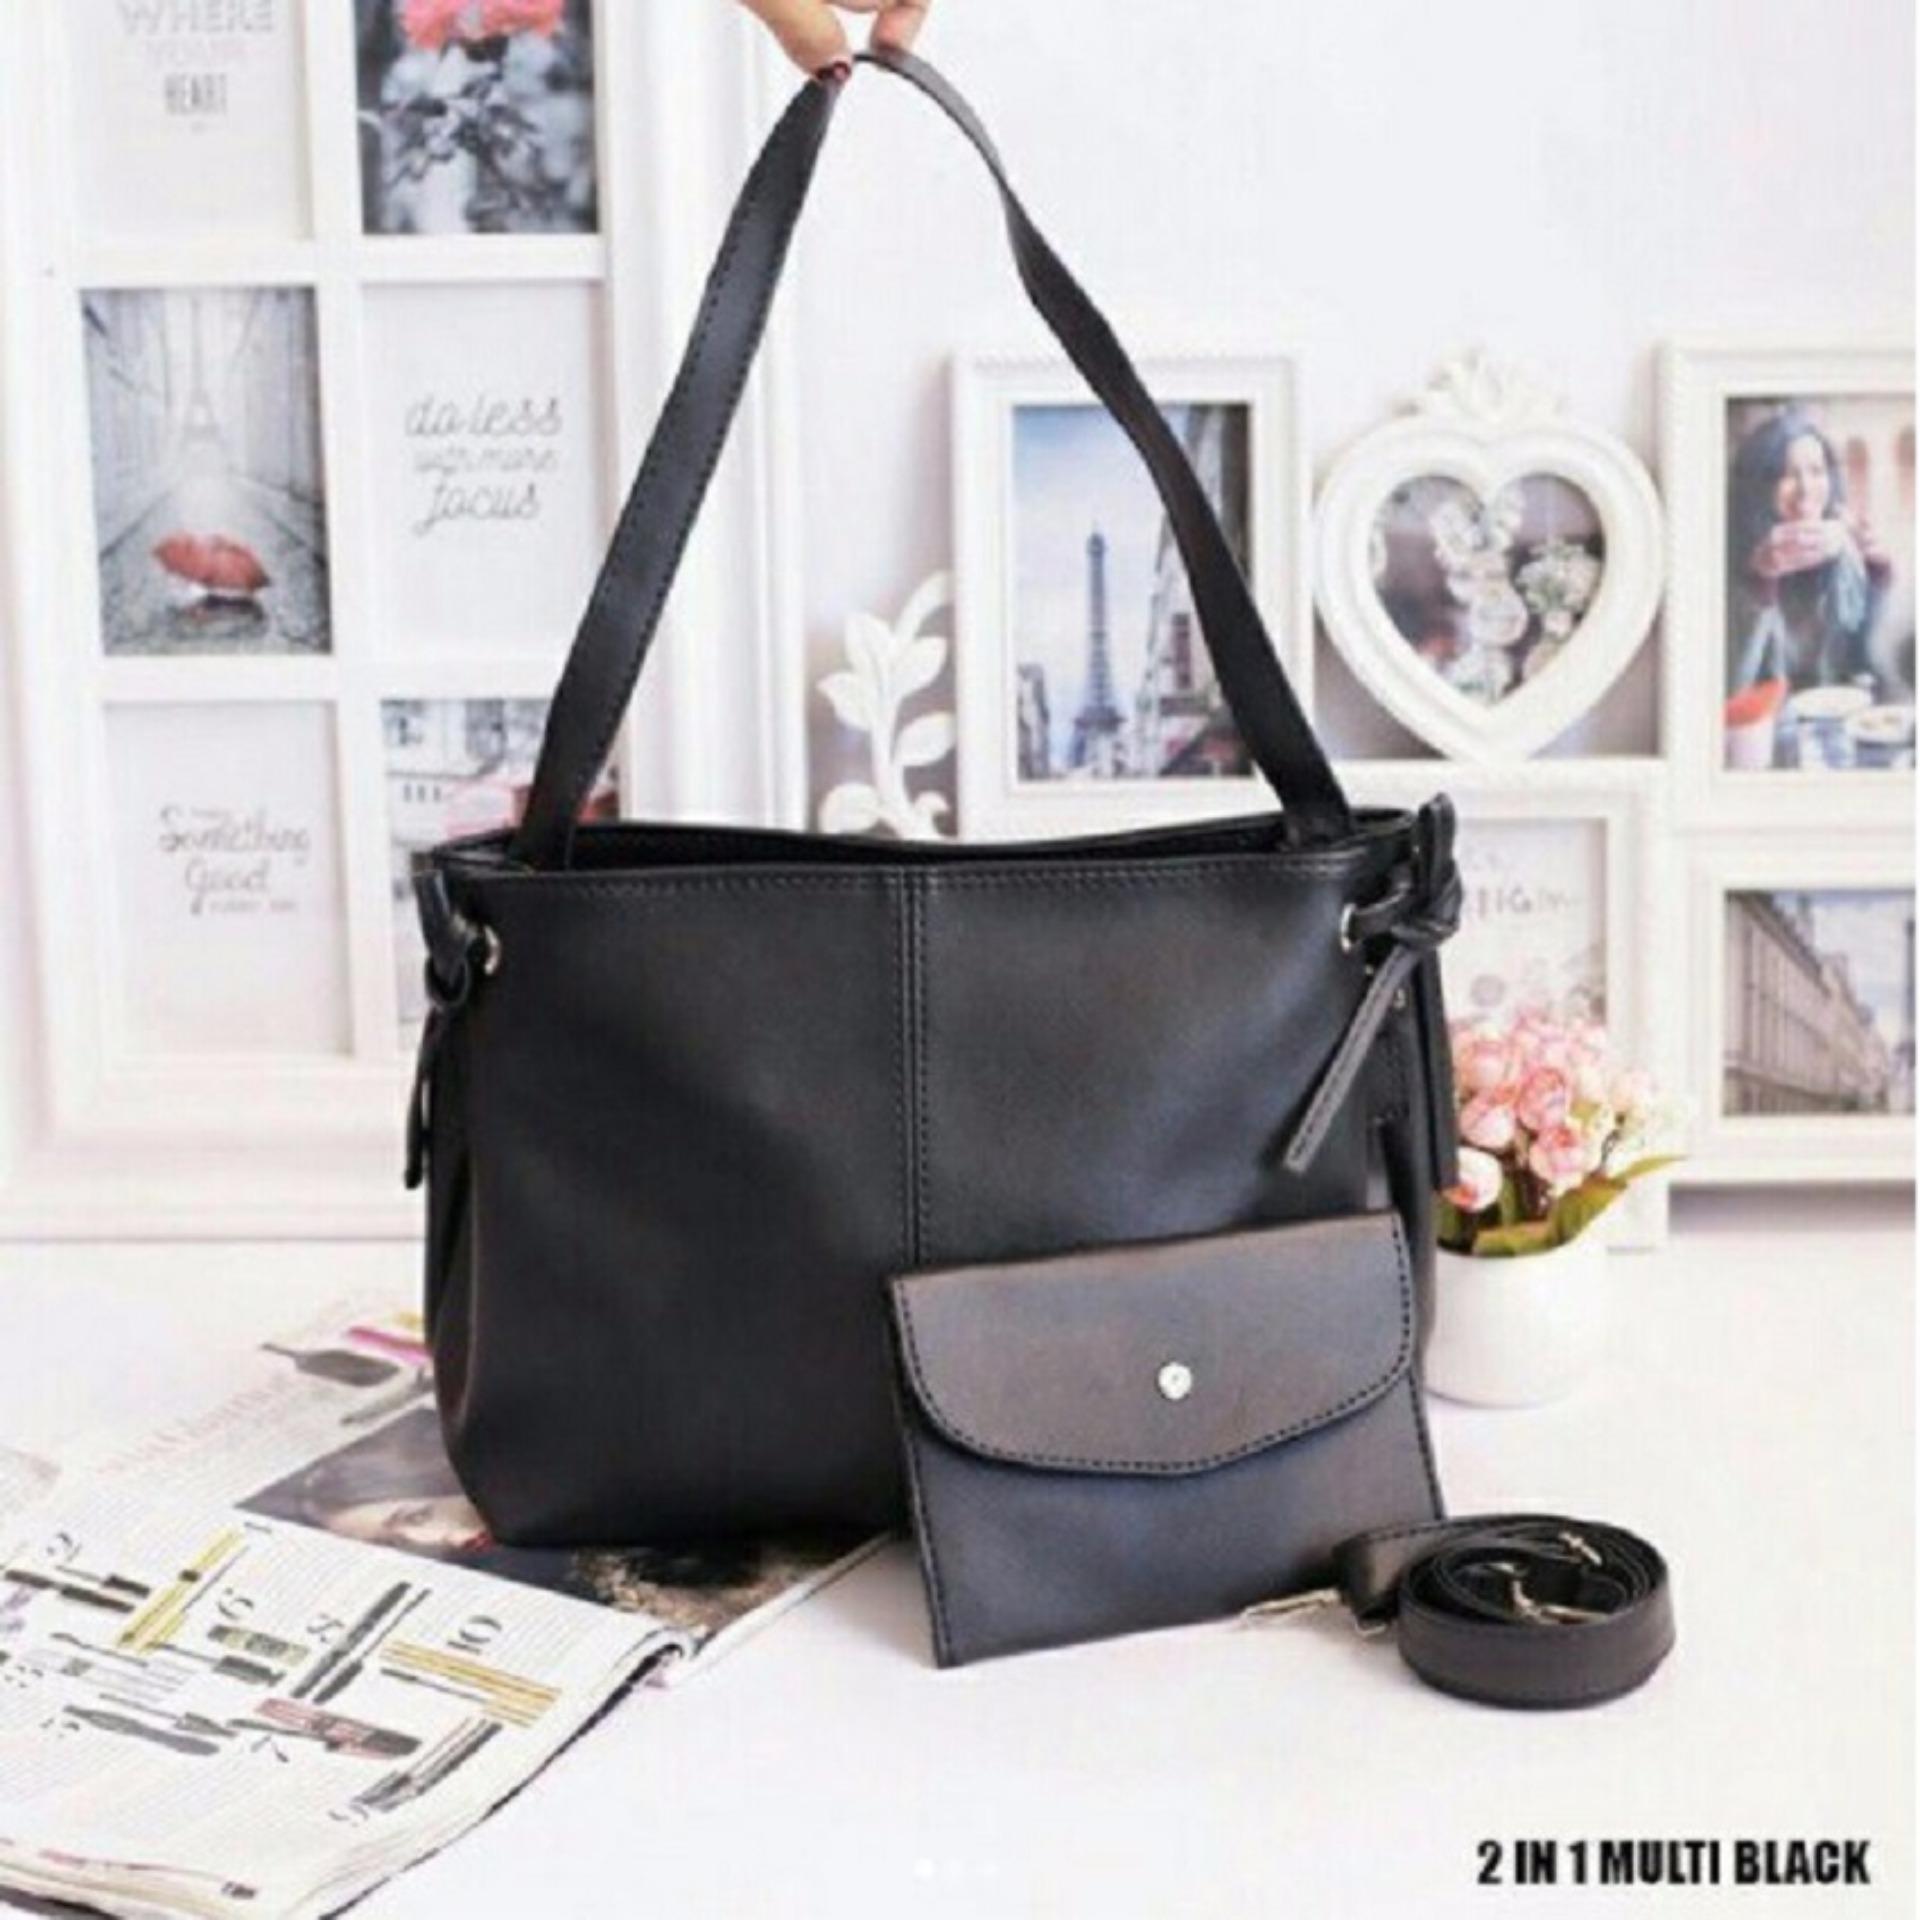 Murah tapi bukan murahan Tas Fashion wanita Tote Bag 2 in 1 Multi - Black ca49b46b2c